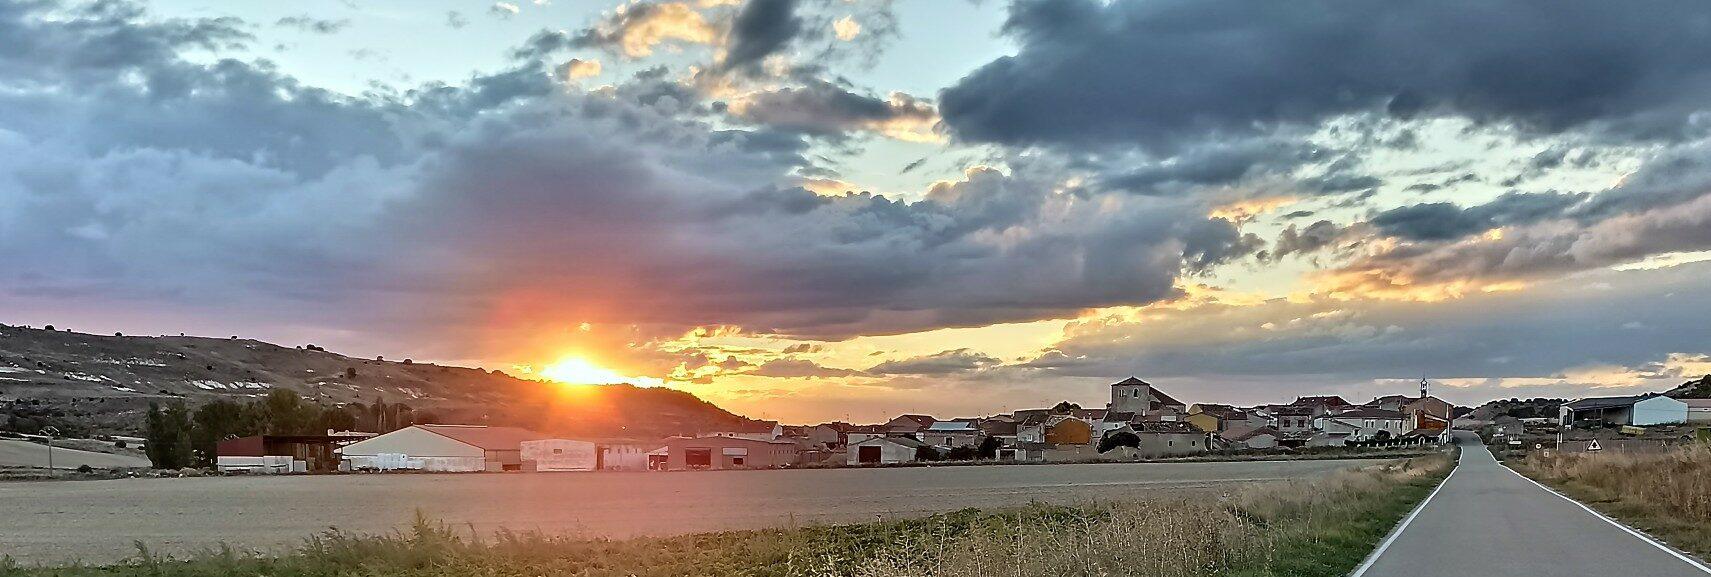 Puesta de sol en Villaconancio